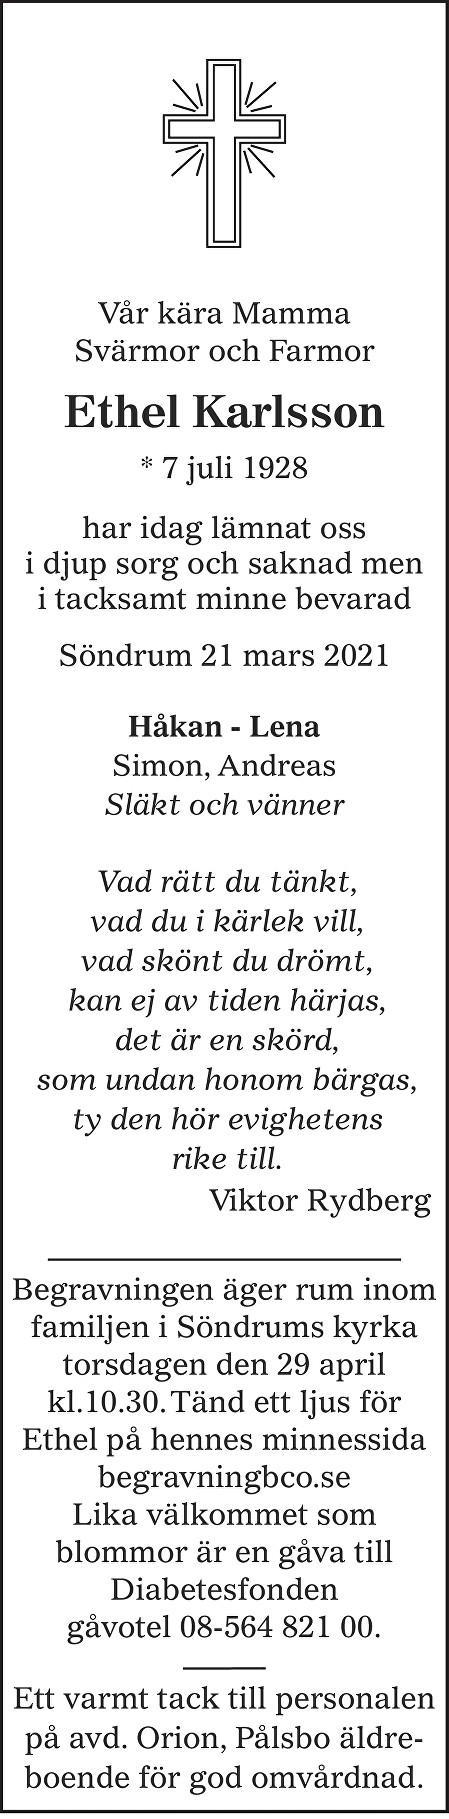 Ethel Karlsson Death notice